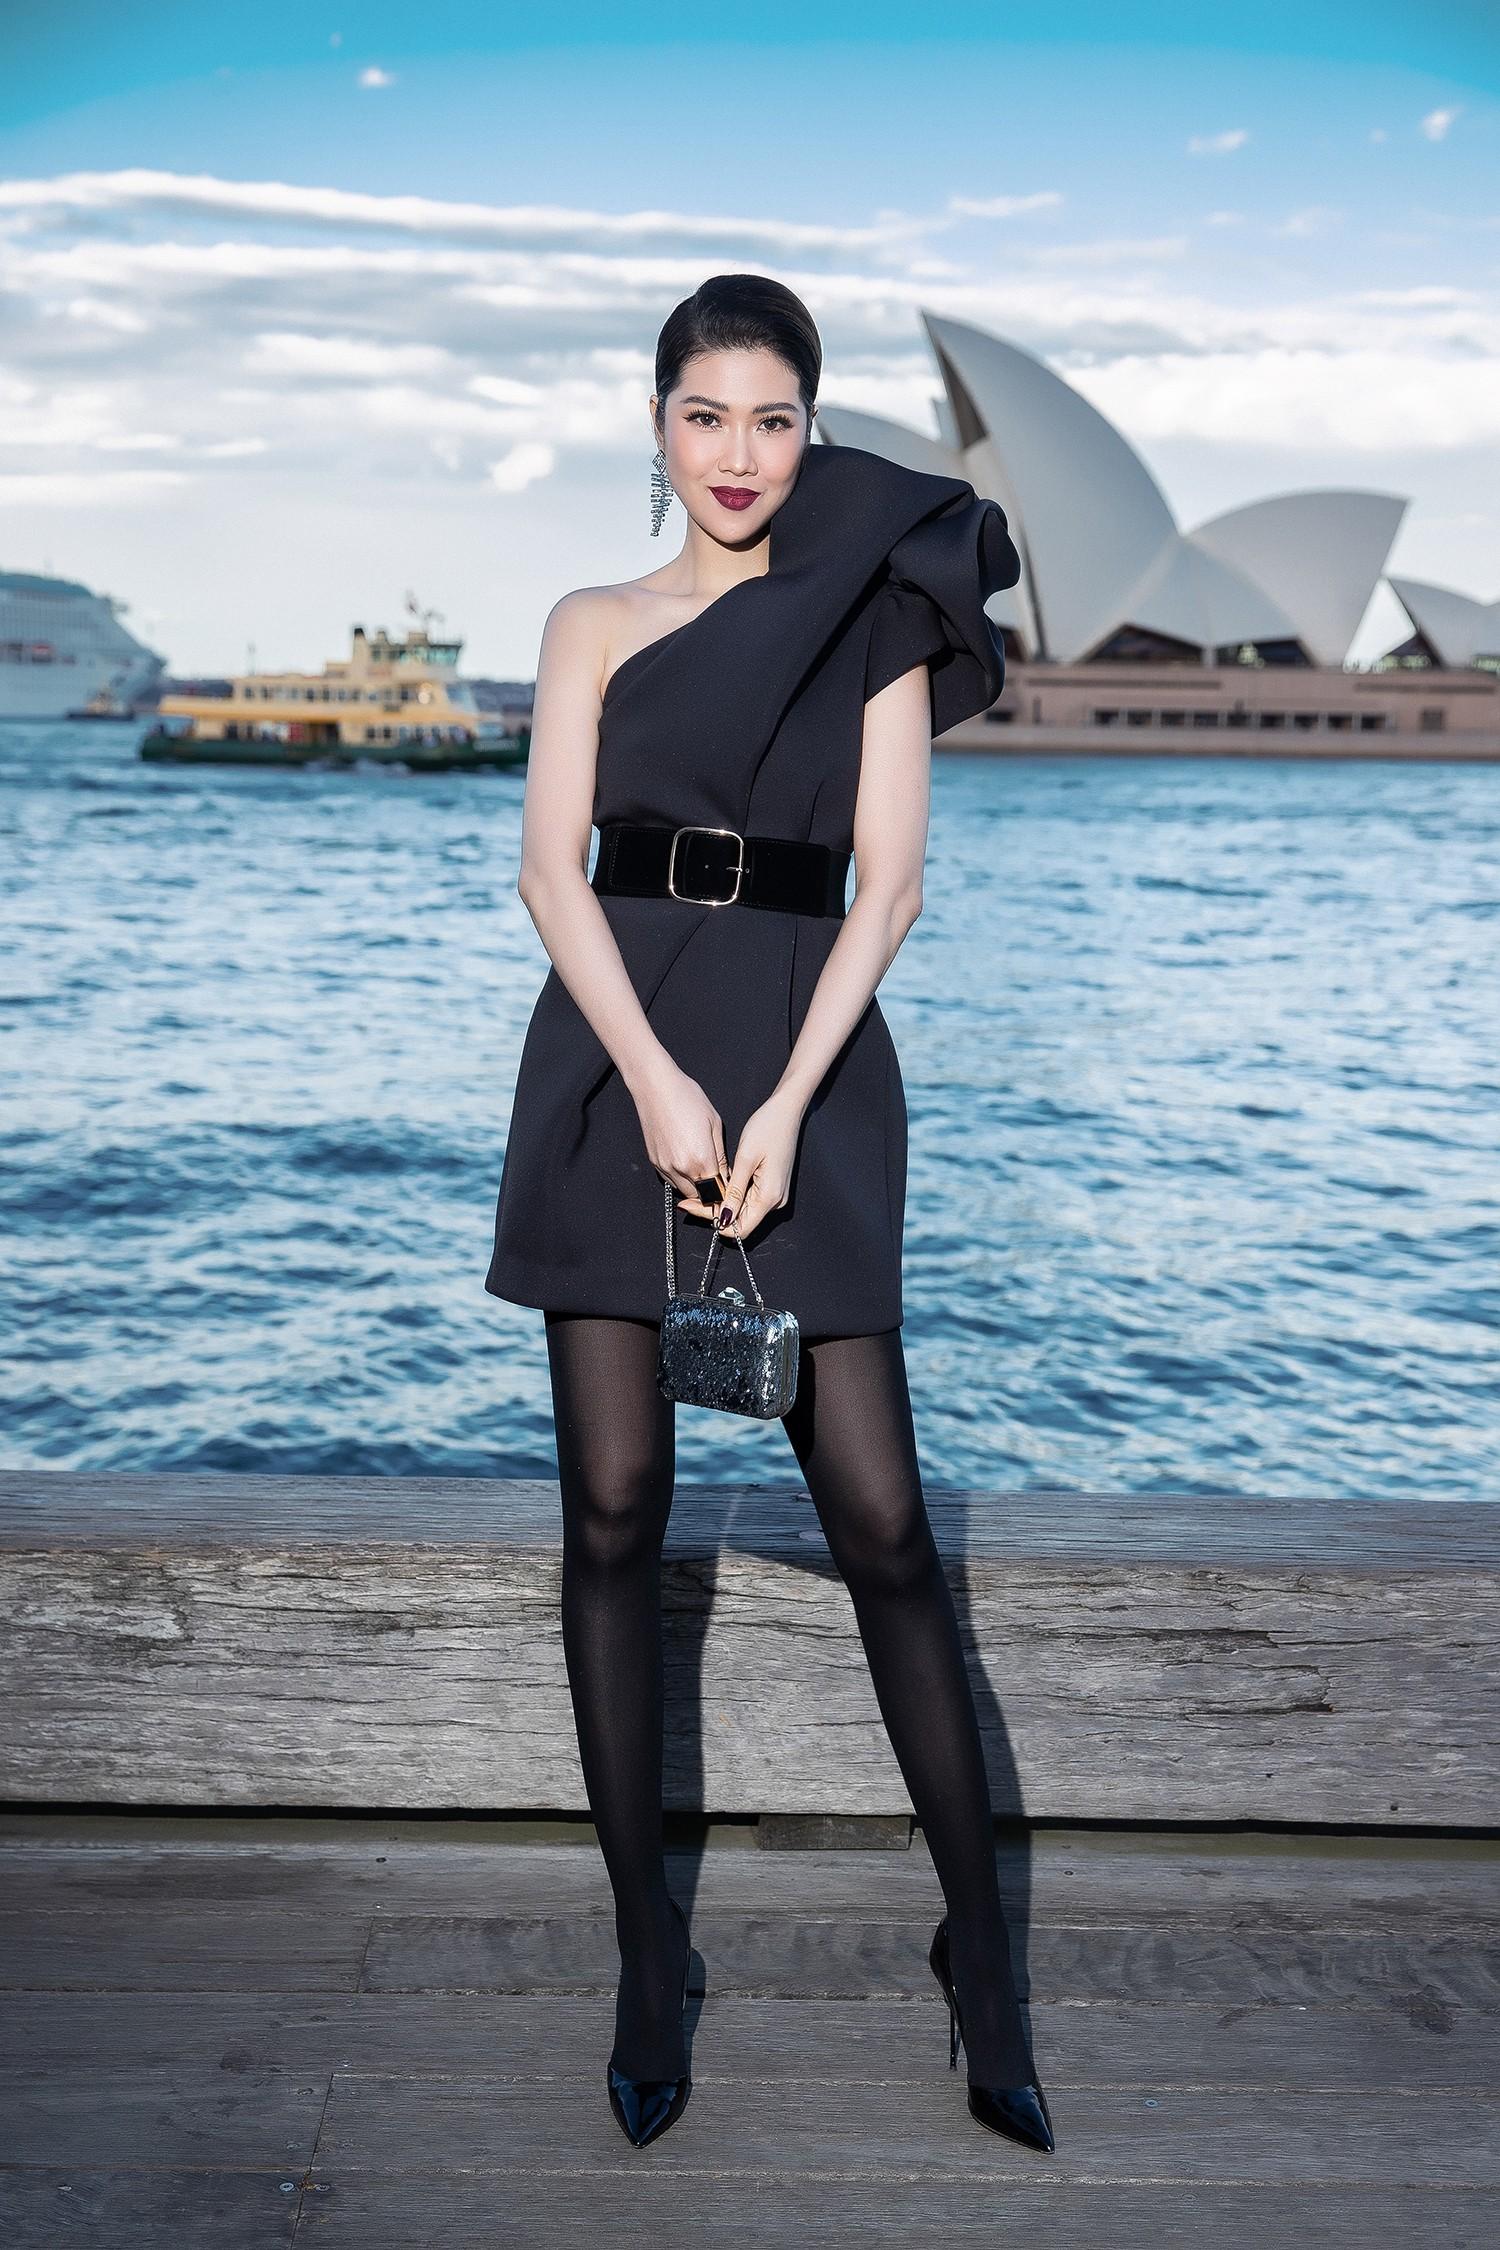 Show mới nhất của Đỗ Mạnh Cường tại Úc: Hà Tăng kín như bưng vẫn đẹp ngút trời, Mỹ Linh và Tiểu Vy trông đều khác lạ - Ảnh 9.